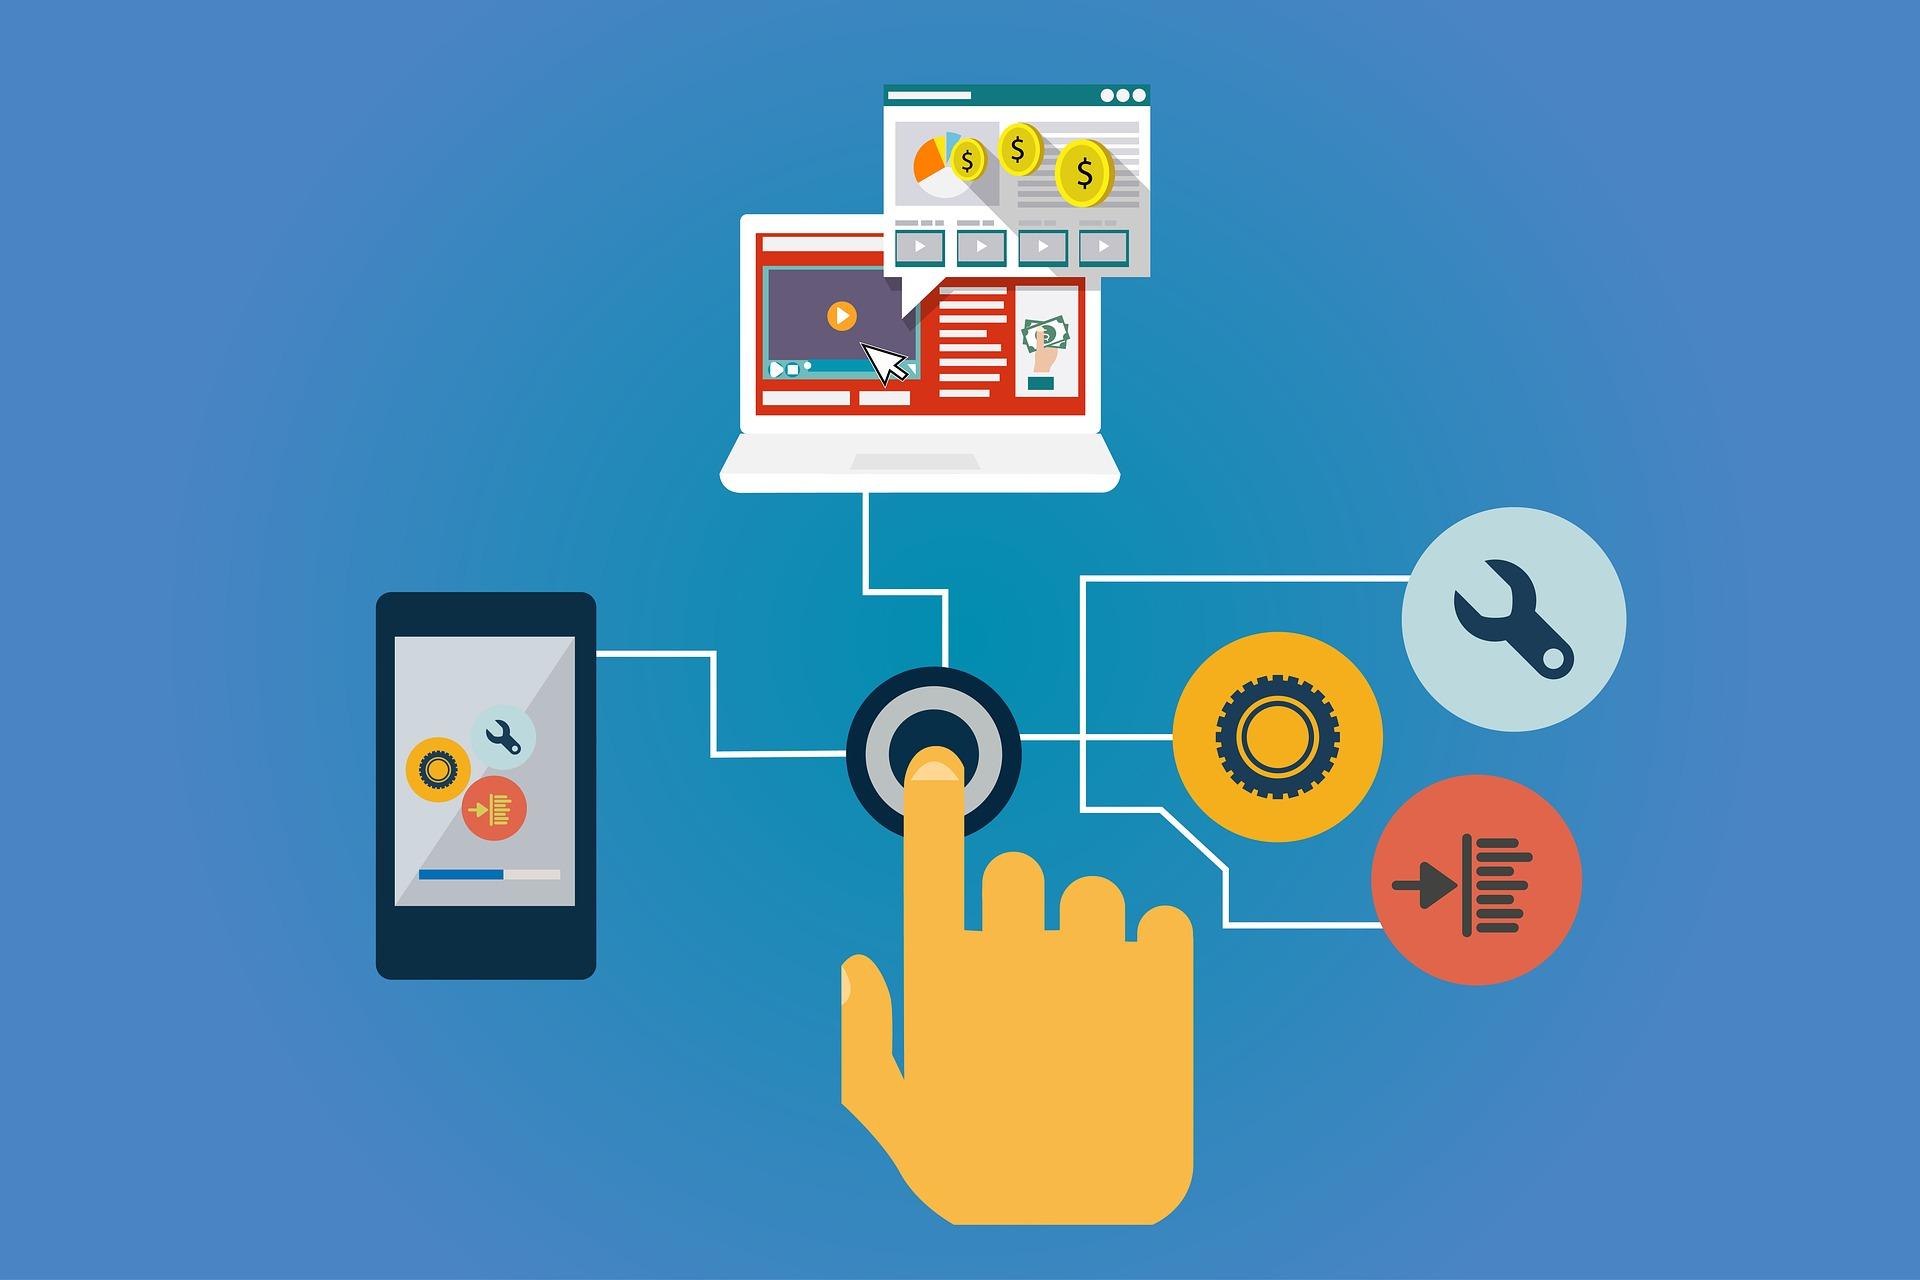 Онлайн замовлення Terms of Service для Інтернет магазинів, вебсервісів, сайтів та IEO landing page.